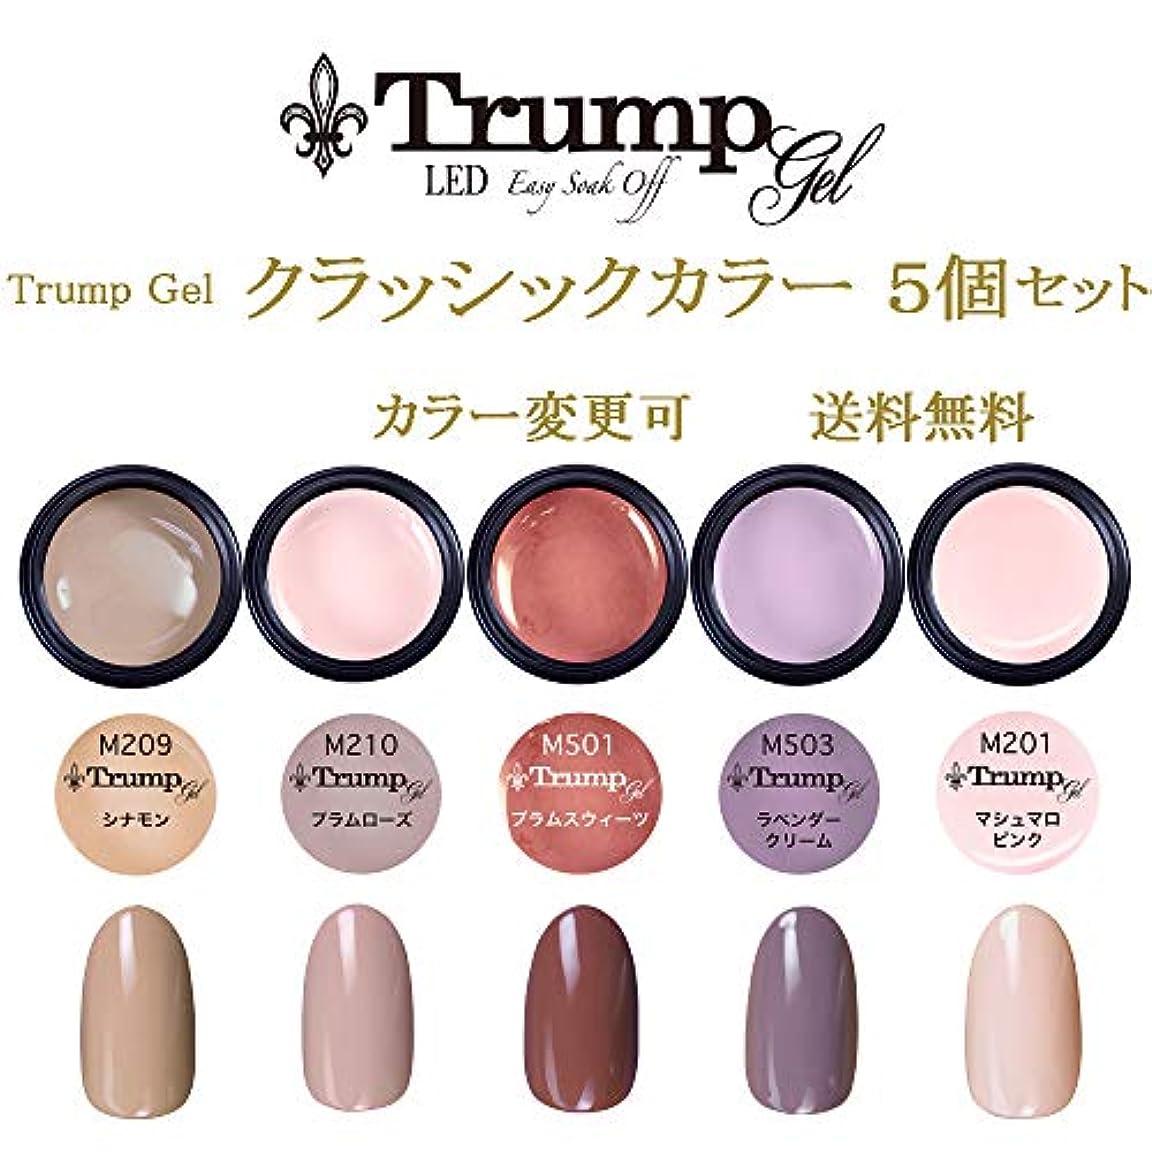 添加状況宿【送料無料】日本製 Trump gel トランプジェル クラッシックカラー 選べる カラージェル 5個セット クラッシック ベージュ ブラウン ホワイト ラメ カラー